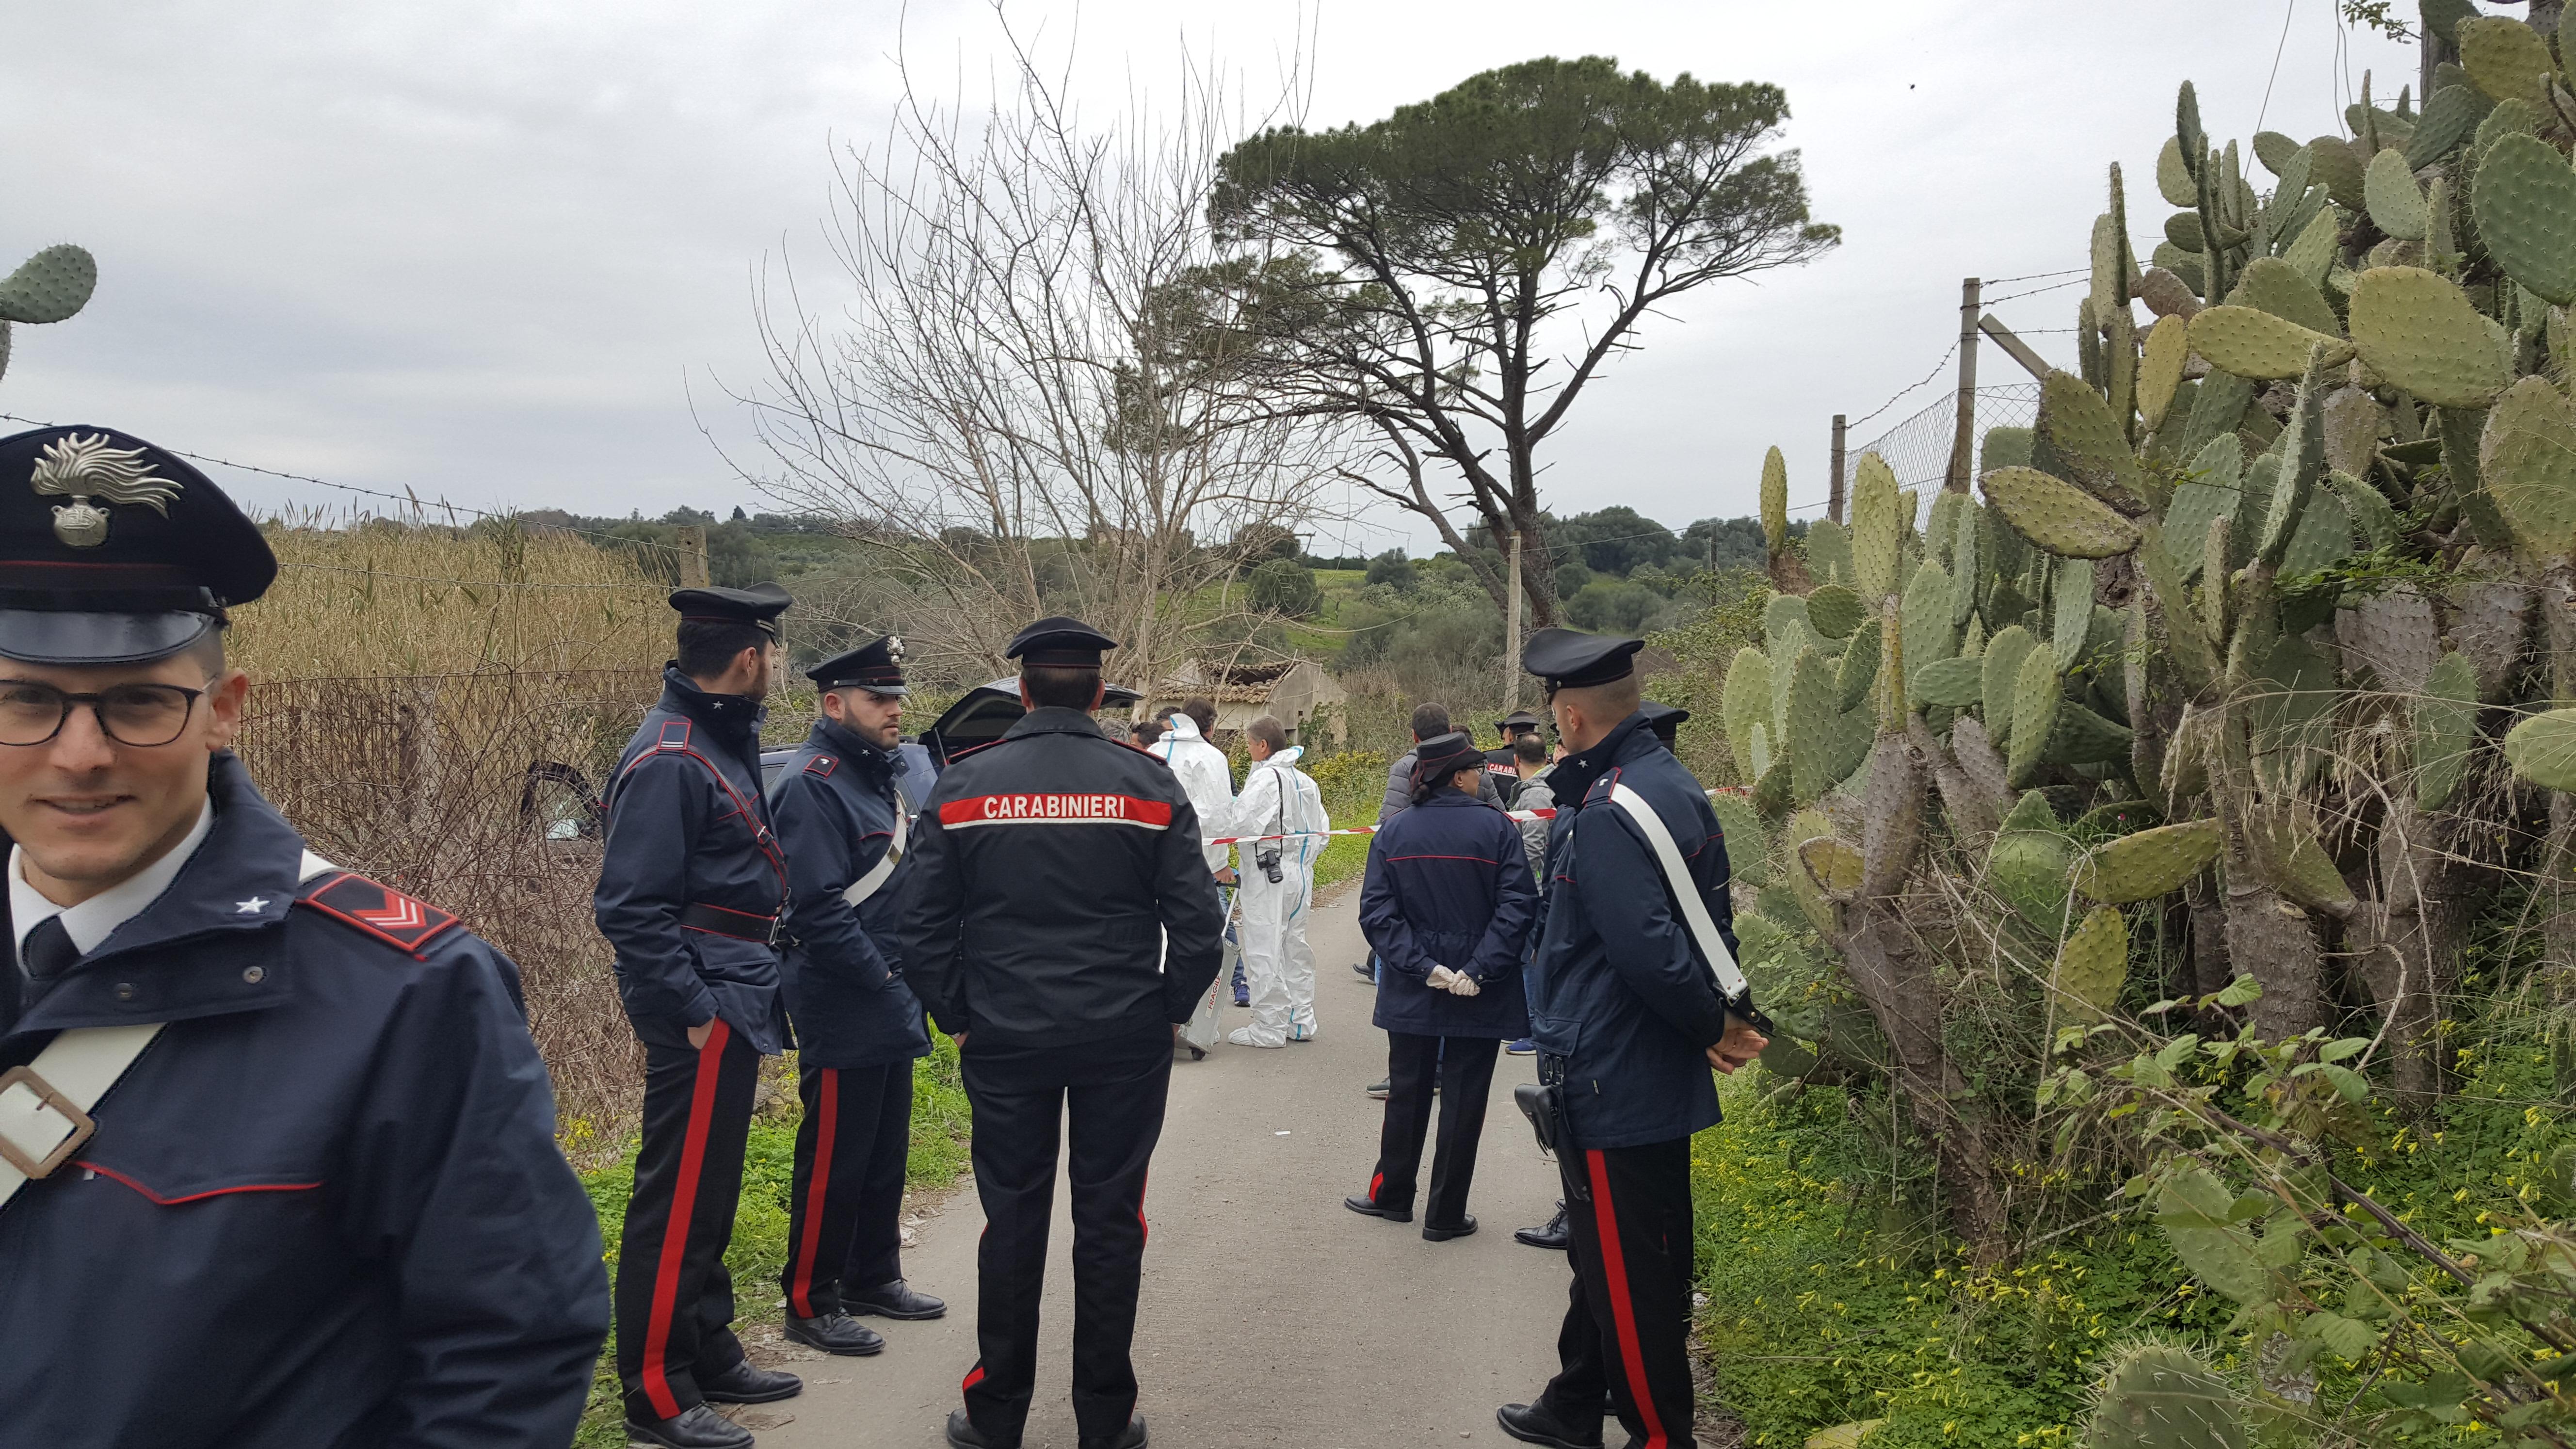 Omicidio a Lentini. Ucciso un pensionato in contrada Sabuci. Originario di San Giovanni La Punta. Indagano i Carabinieri.